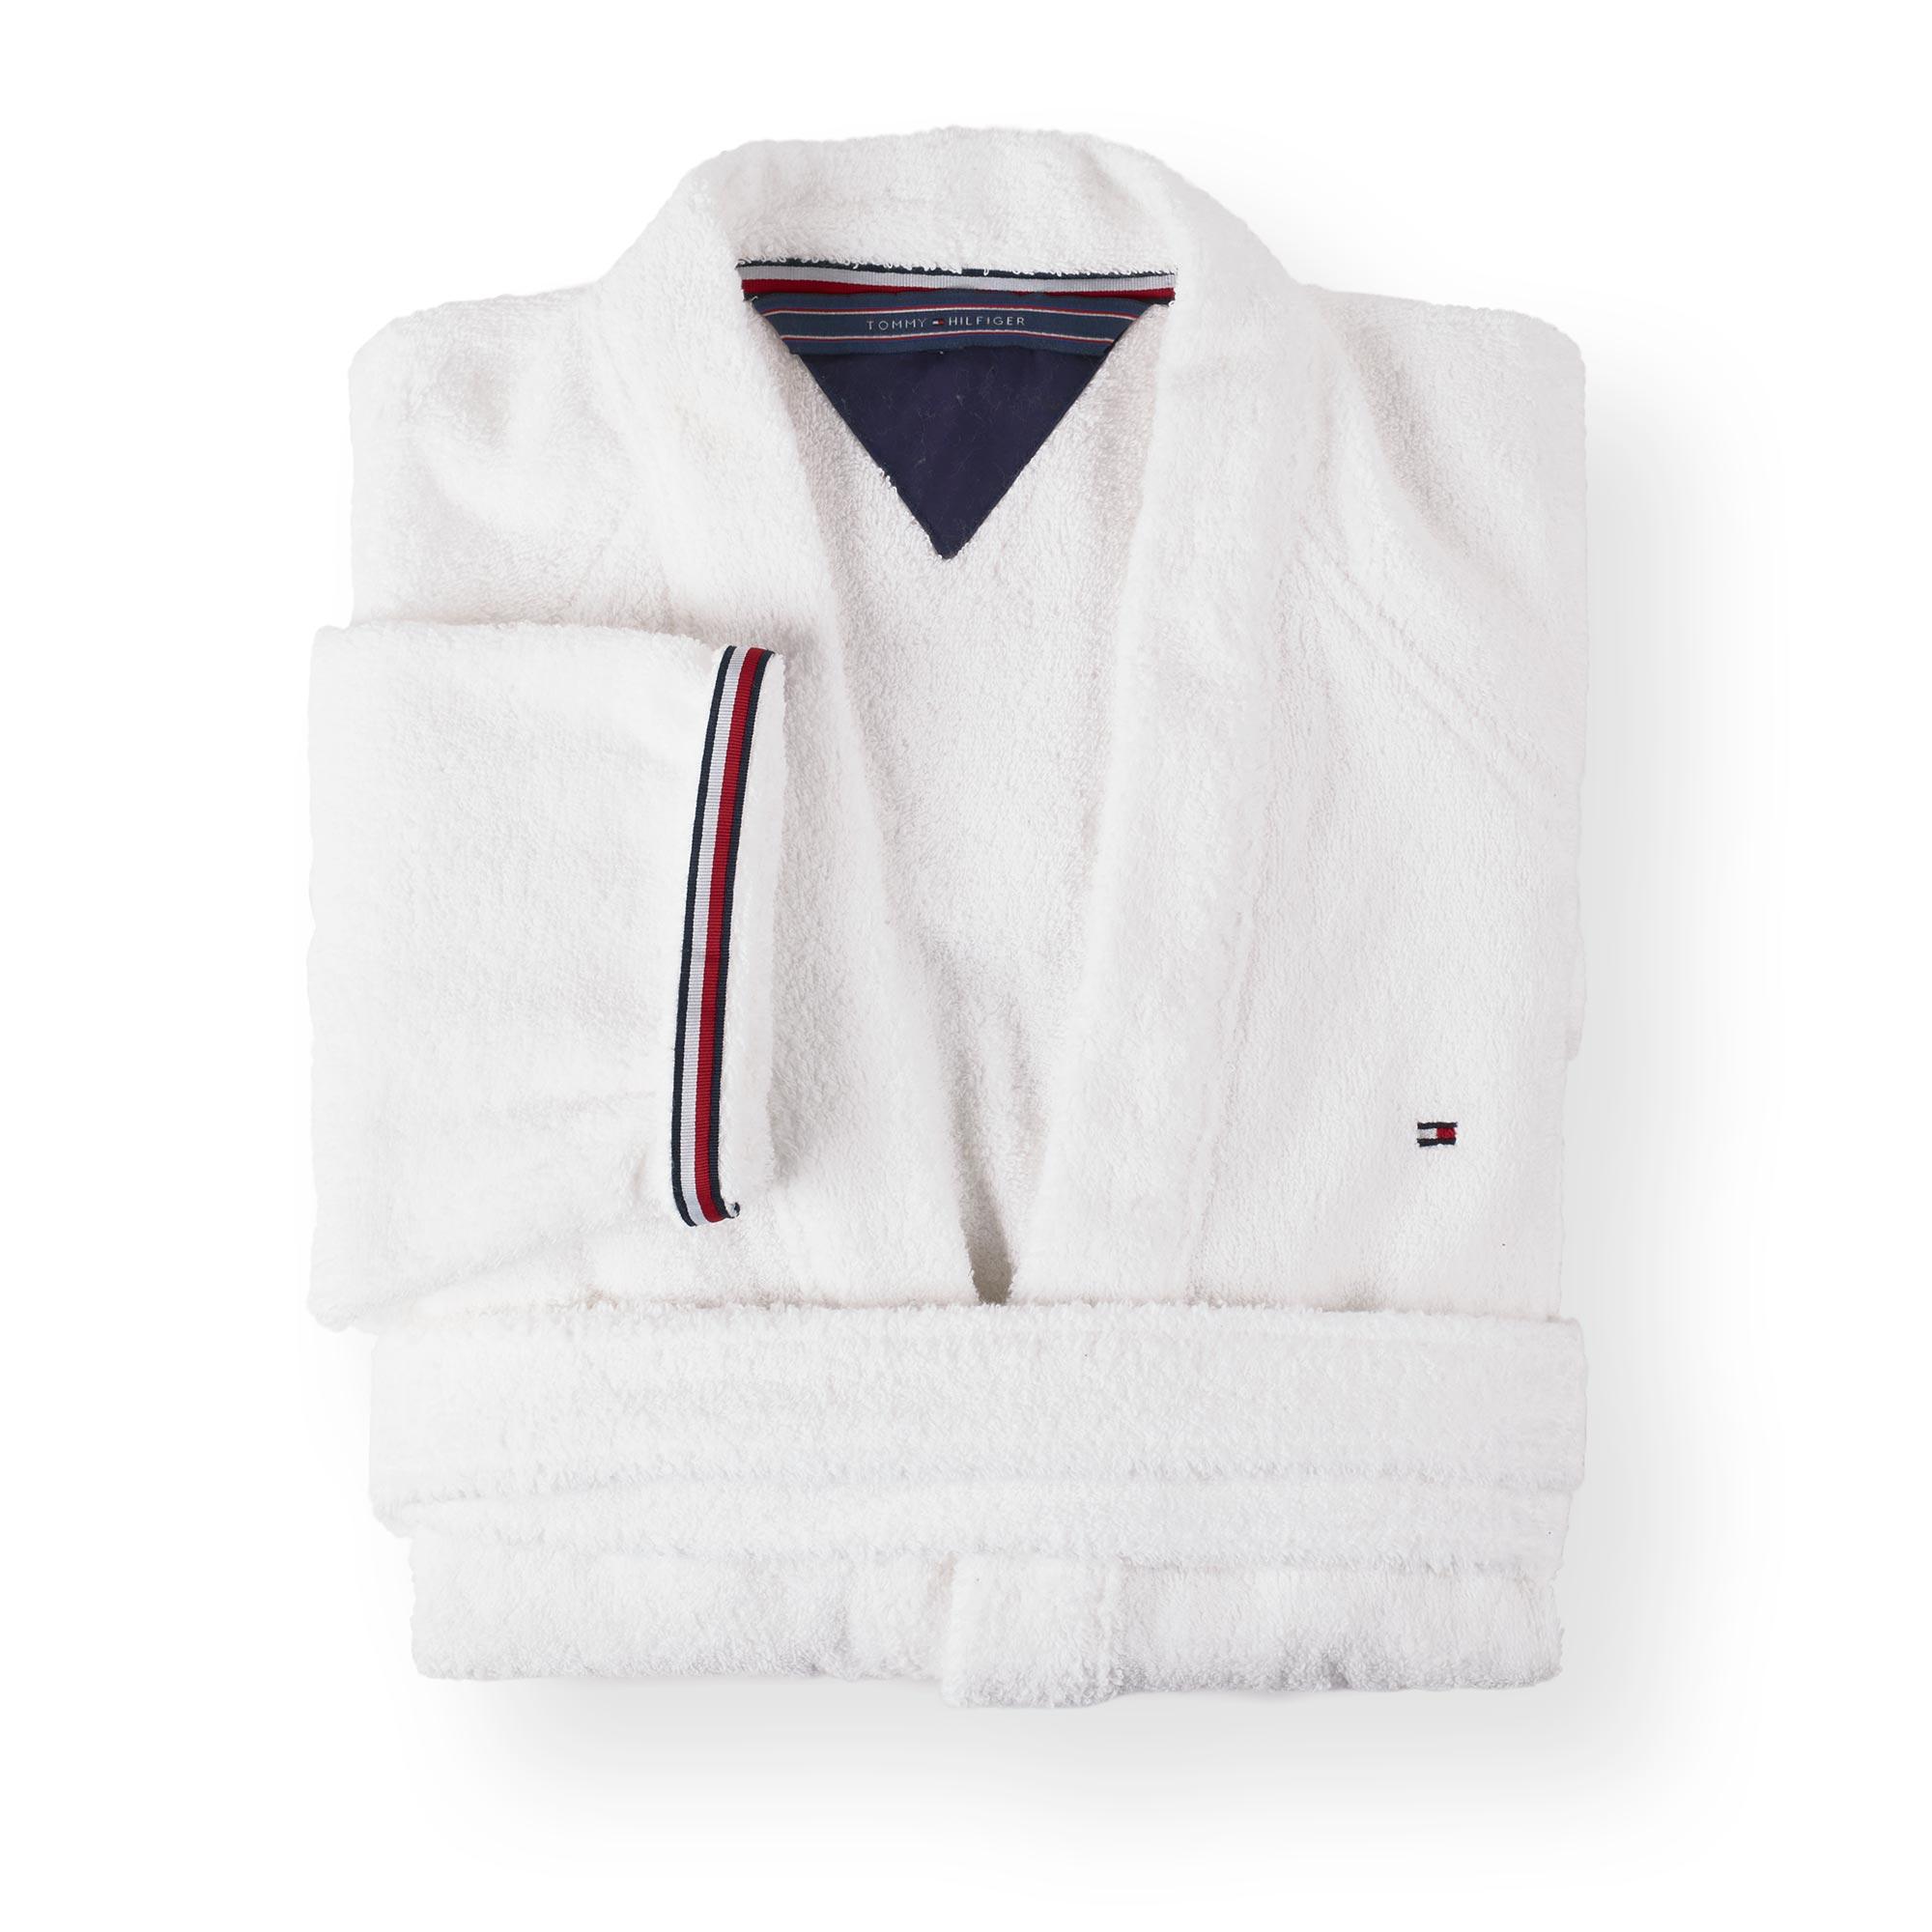 Tommy-Hilfiger-Peignoir-kimono-legend-3-eponge-white-version-plié